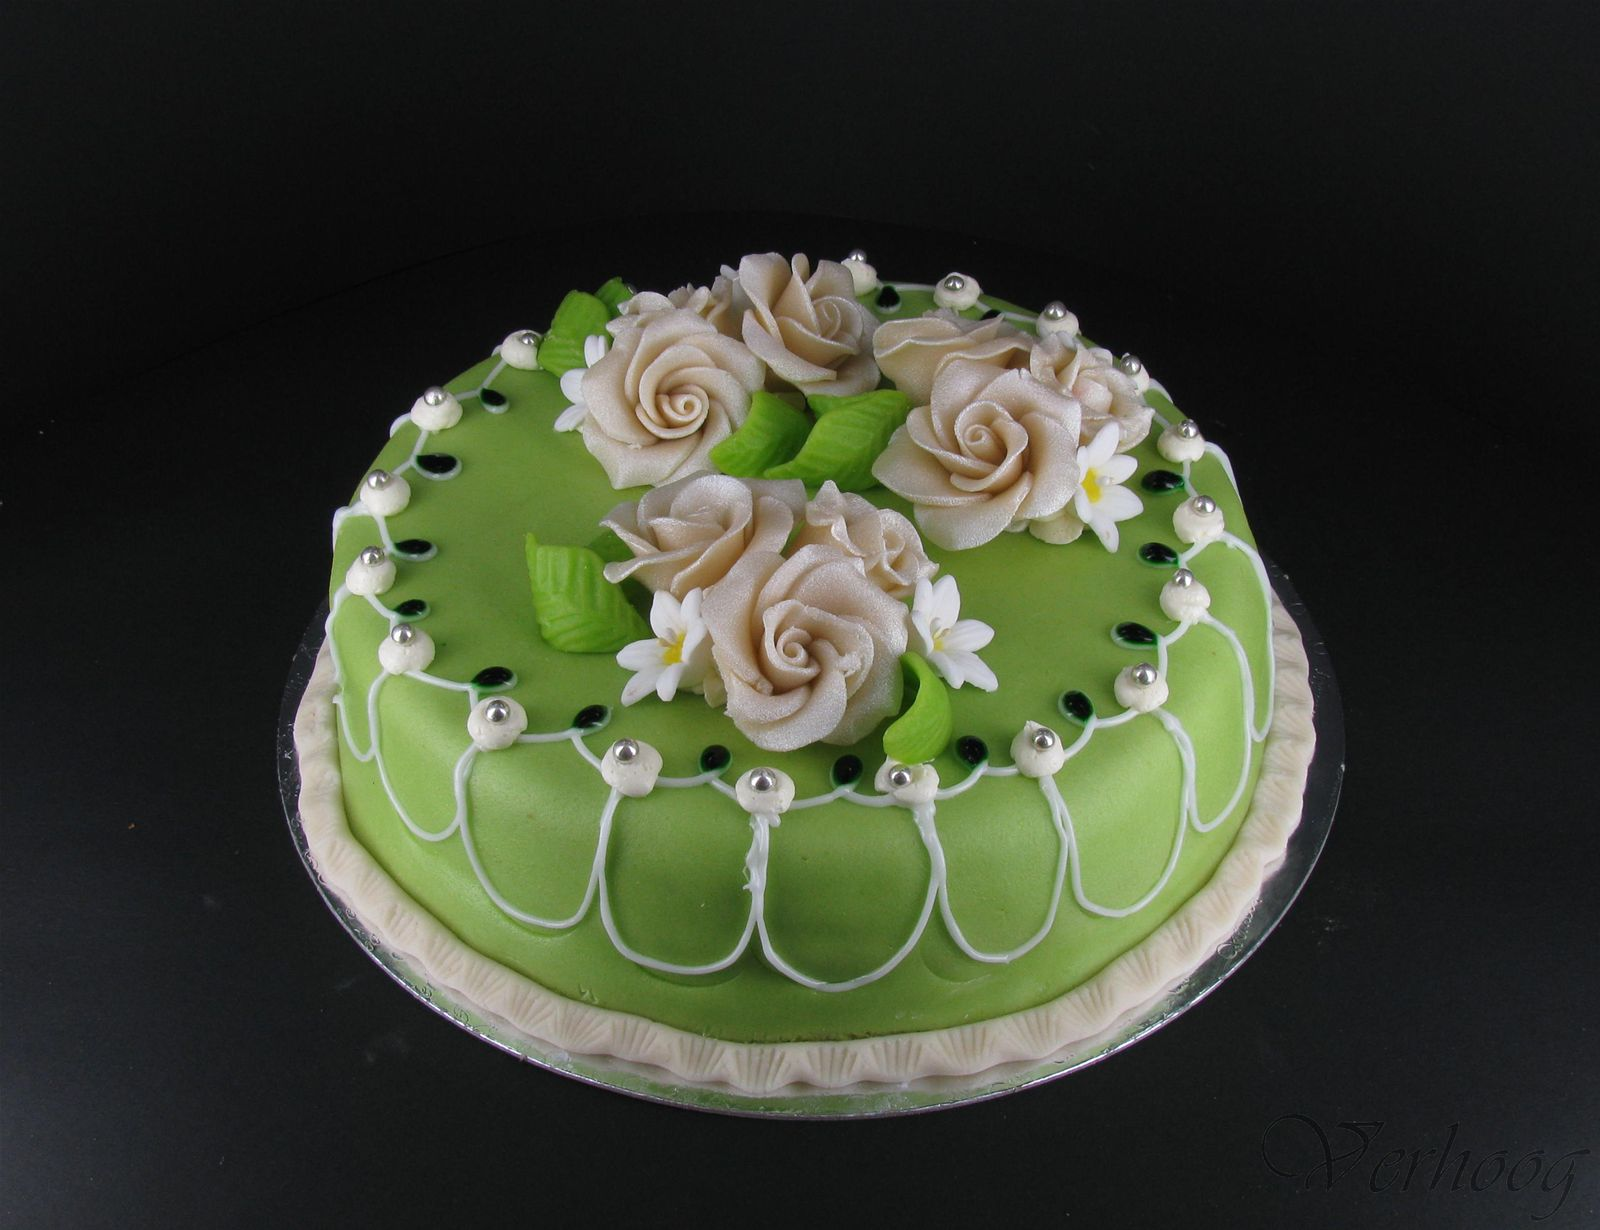 taart groen groen bruidstrt   Bakkerij Verhoog taart groen